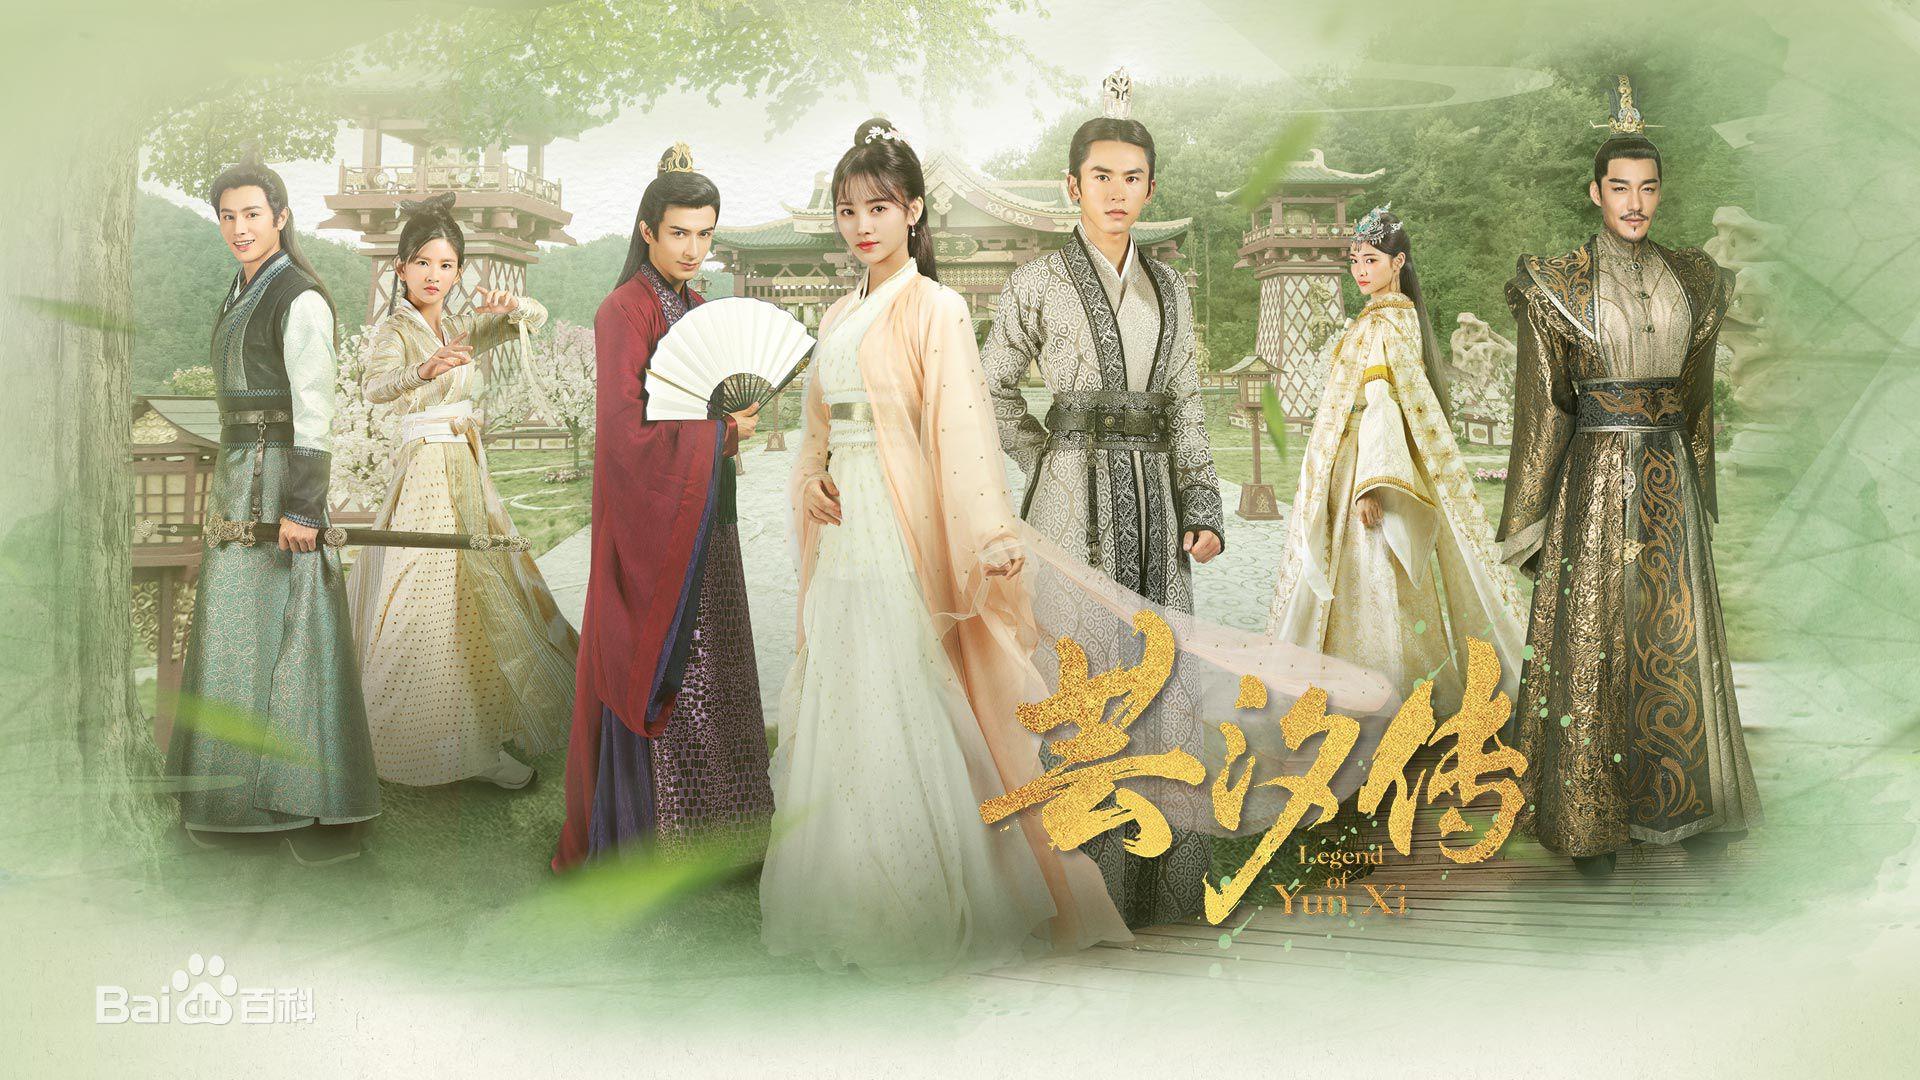 Show Legend of Yun Xi